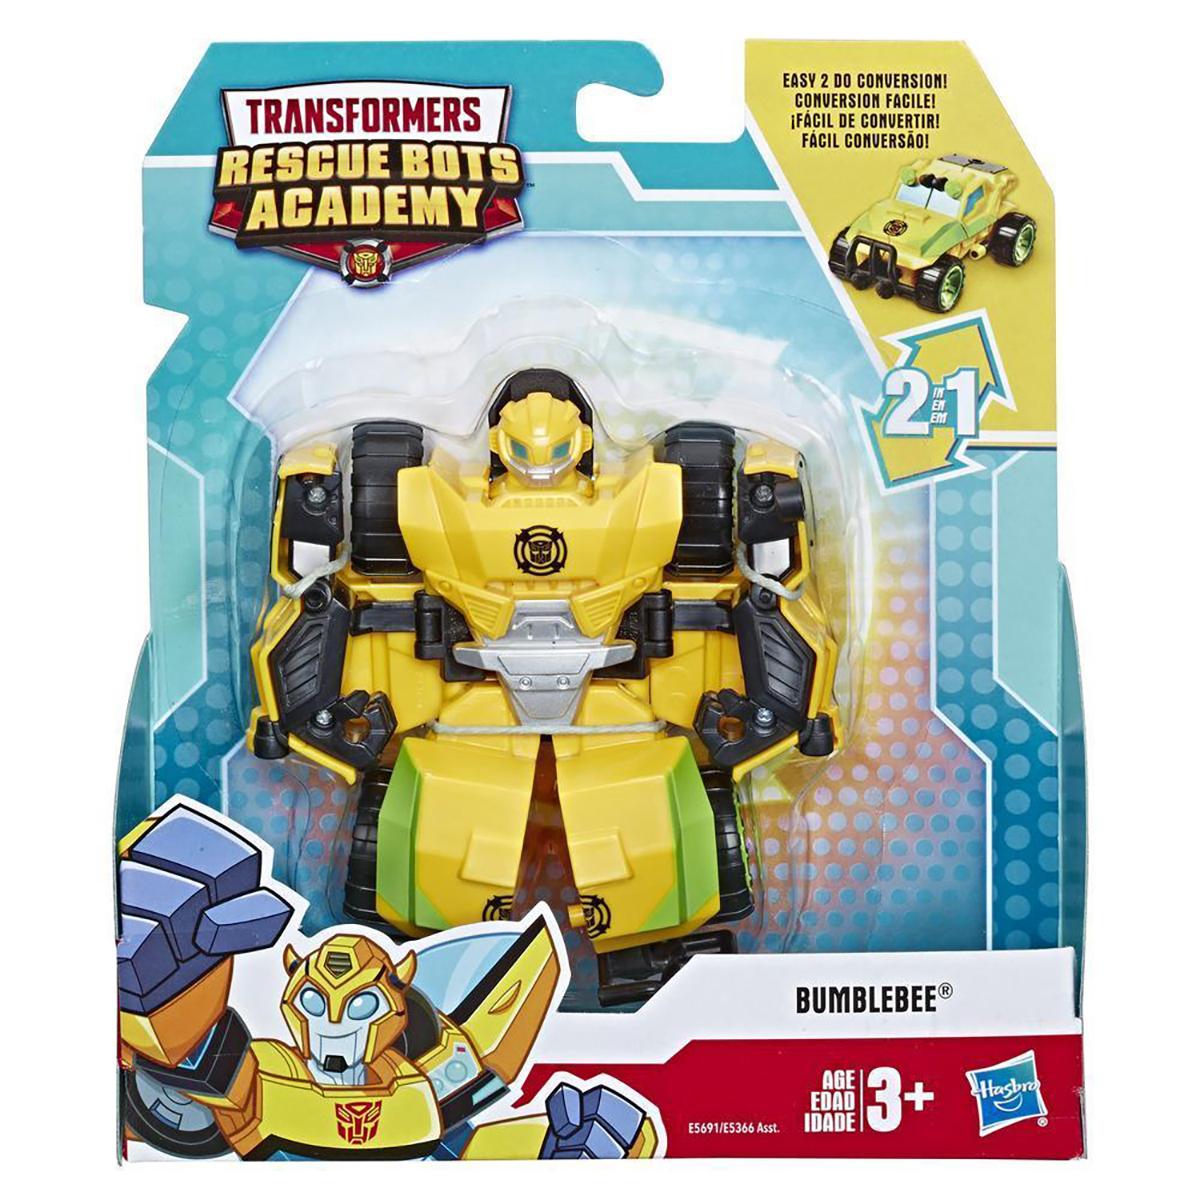 Figurina Transformers Rescue Bots Academy, Bumblebee Da Rock Crawler, E5691